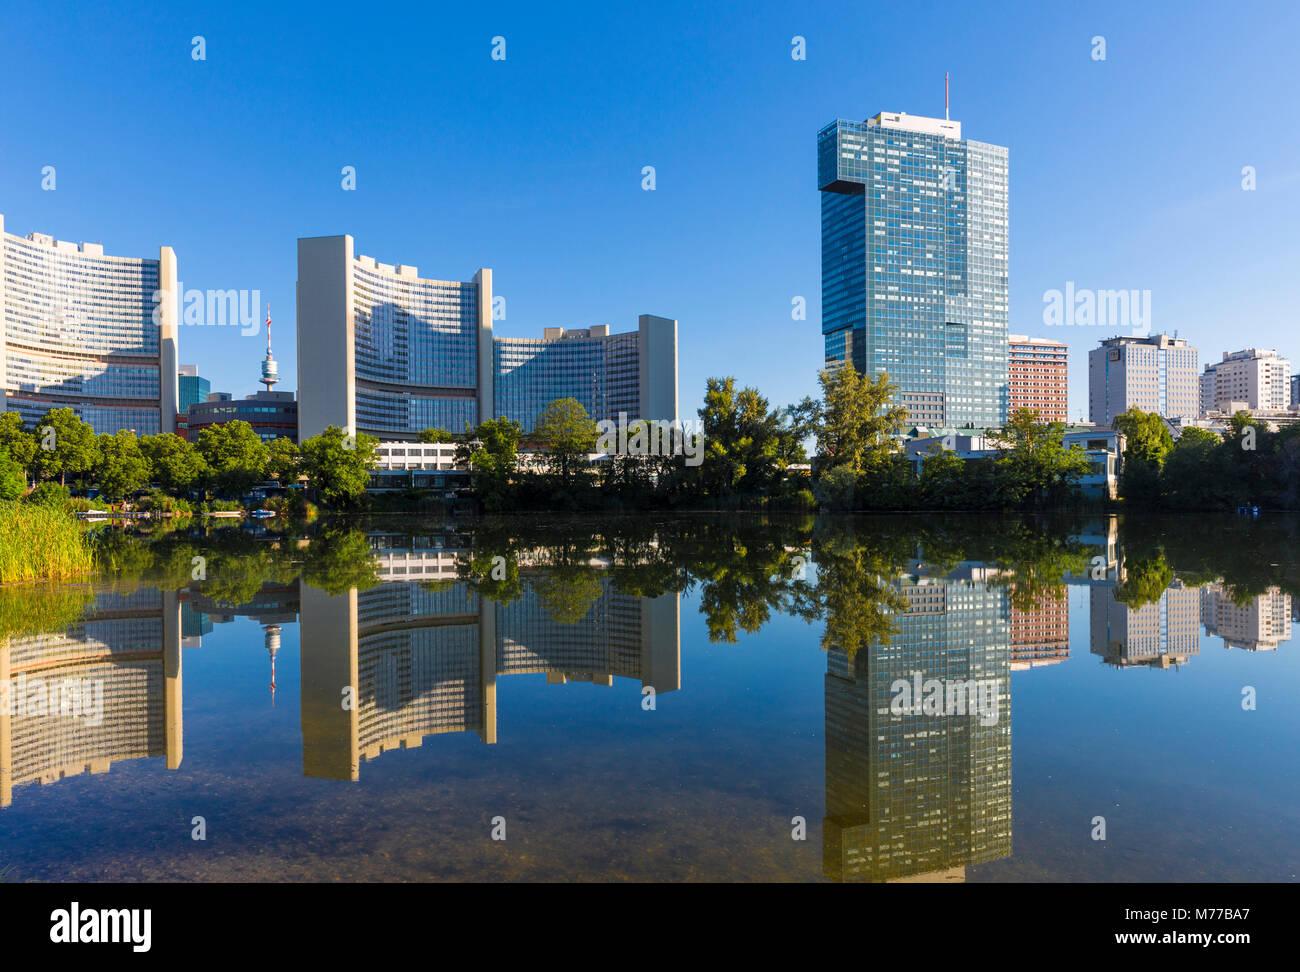 Gebäude der Vereinten Nationen im See spiegeln, UNO-City, Wien, Österreich, Europa Stockbild